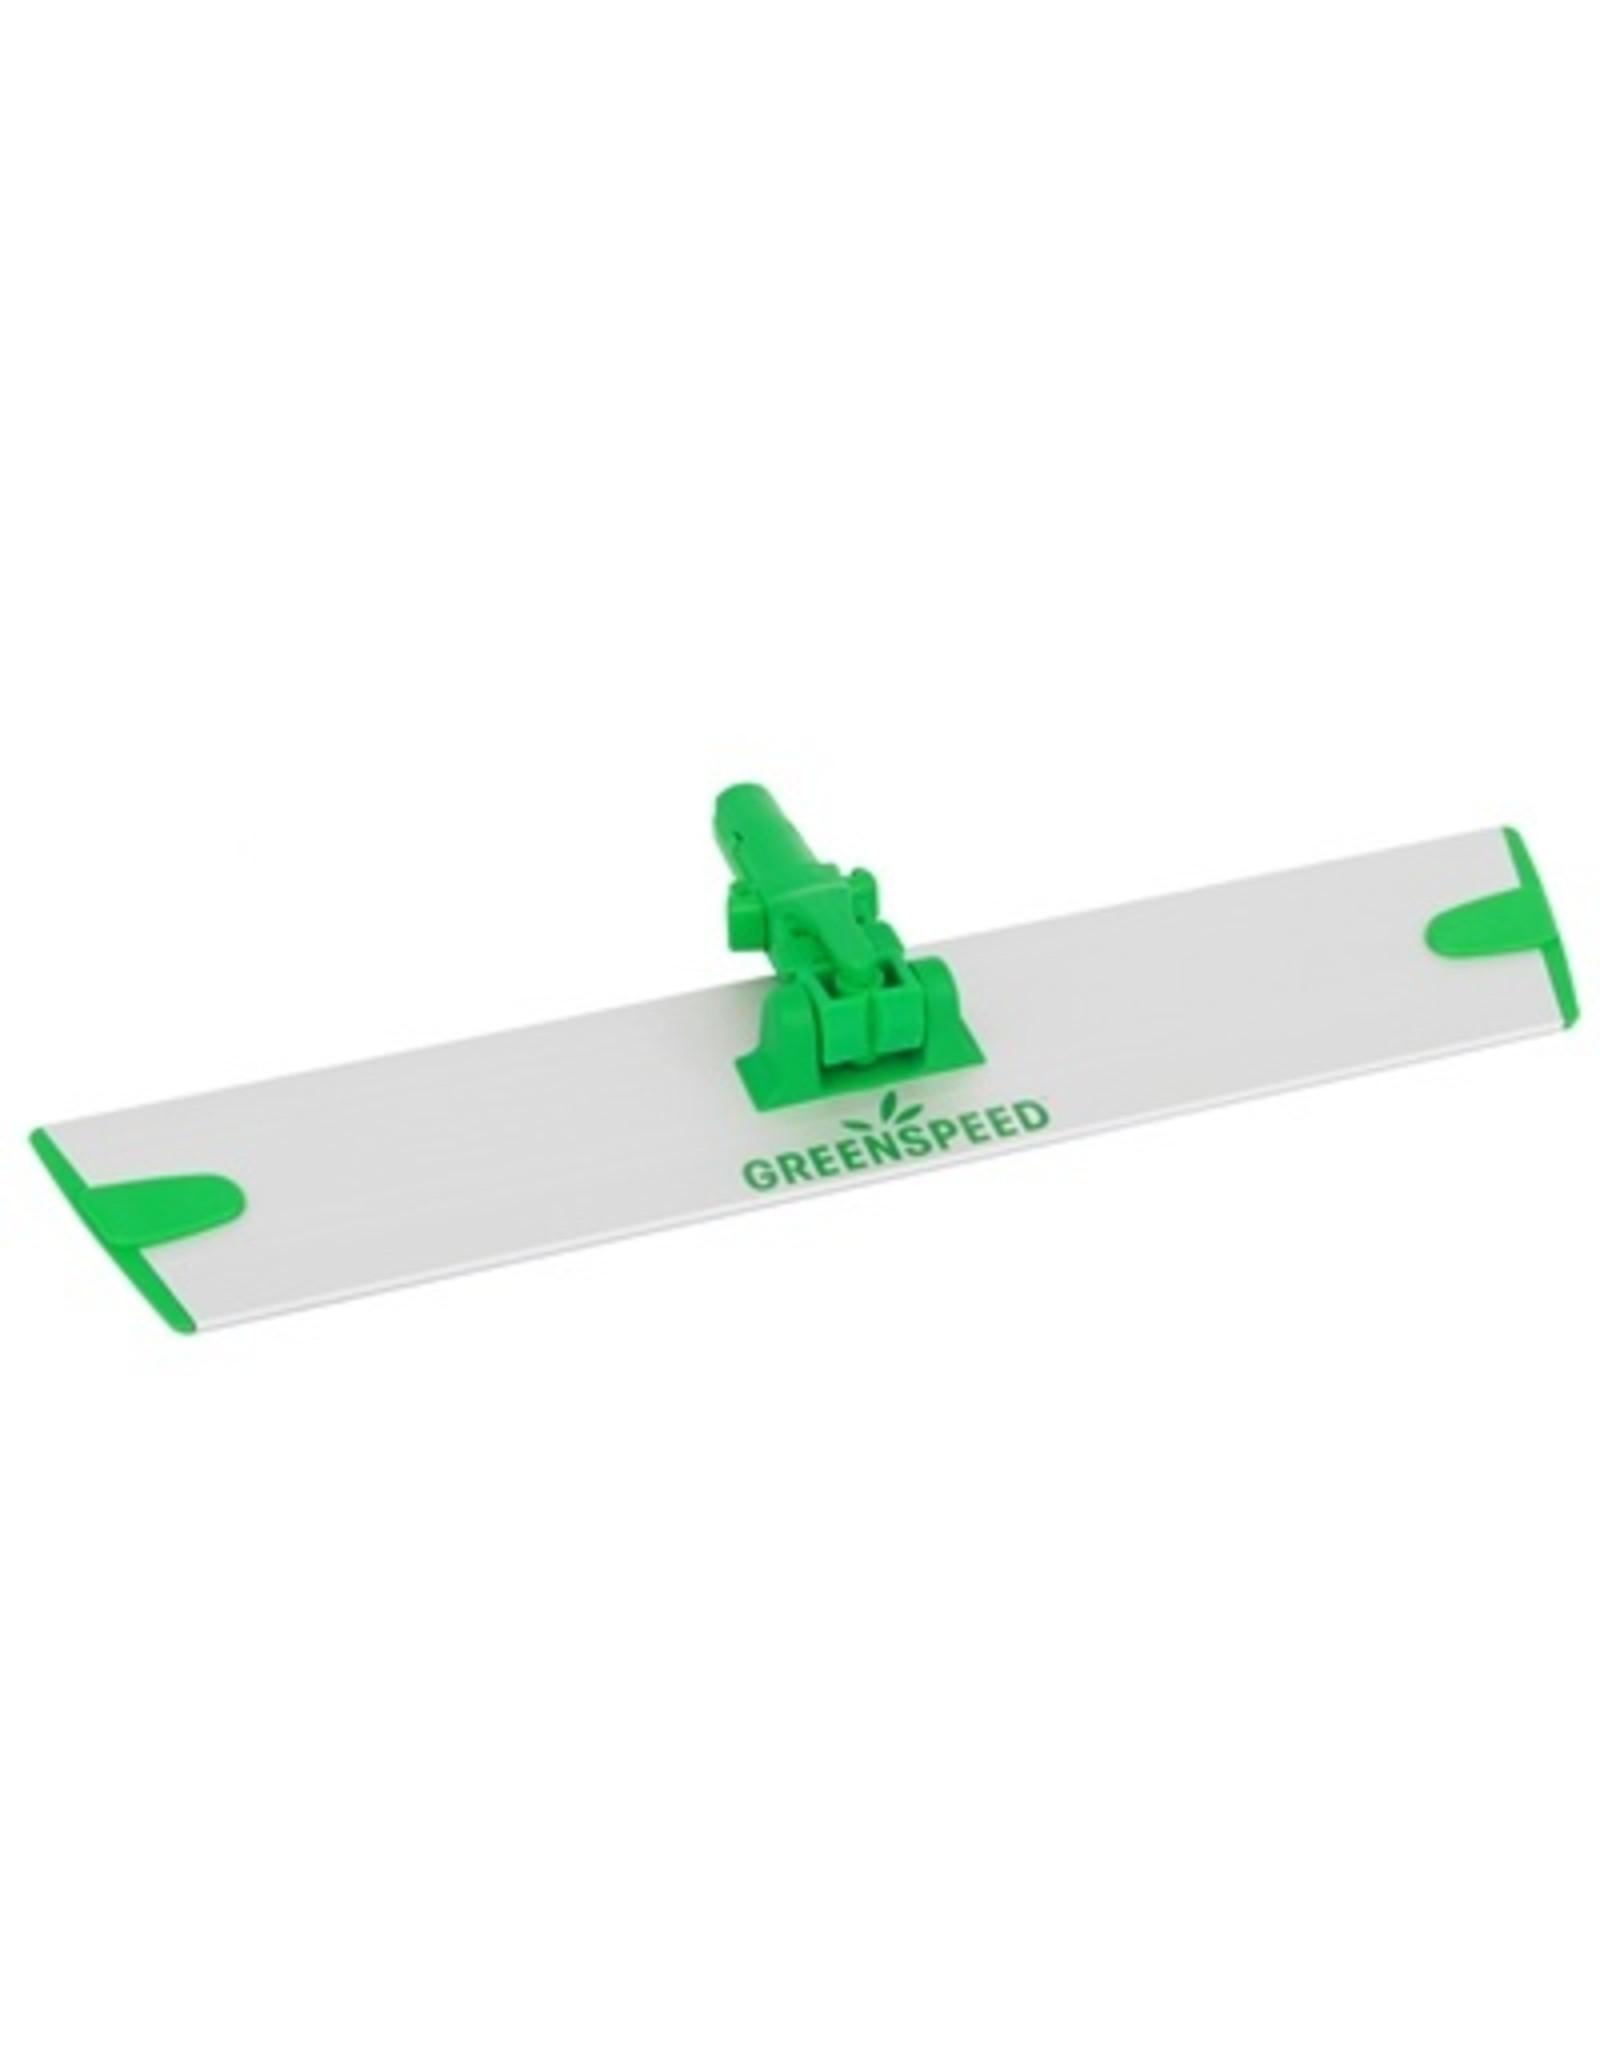 GREENSPEED Greenspeed Vlakmopplaat 55 cm Velcro